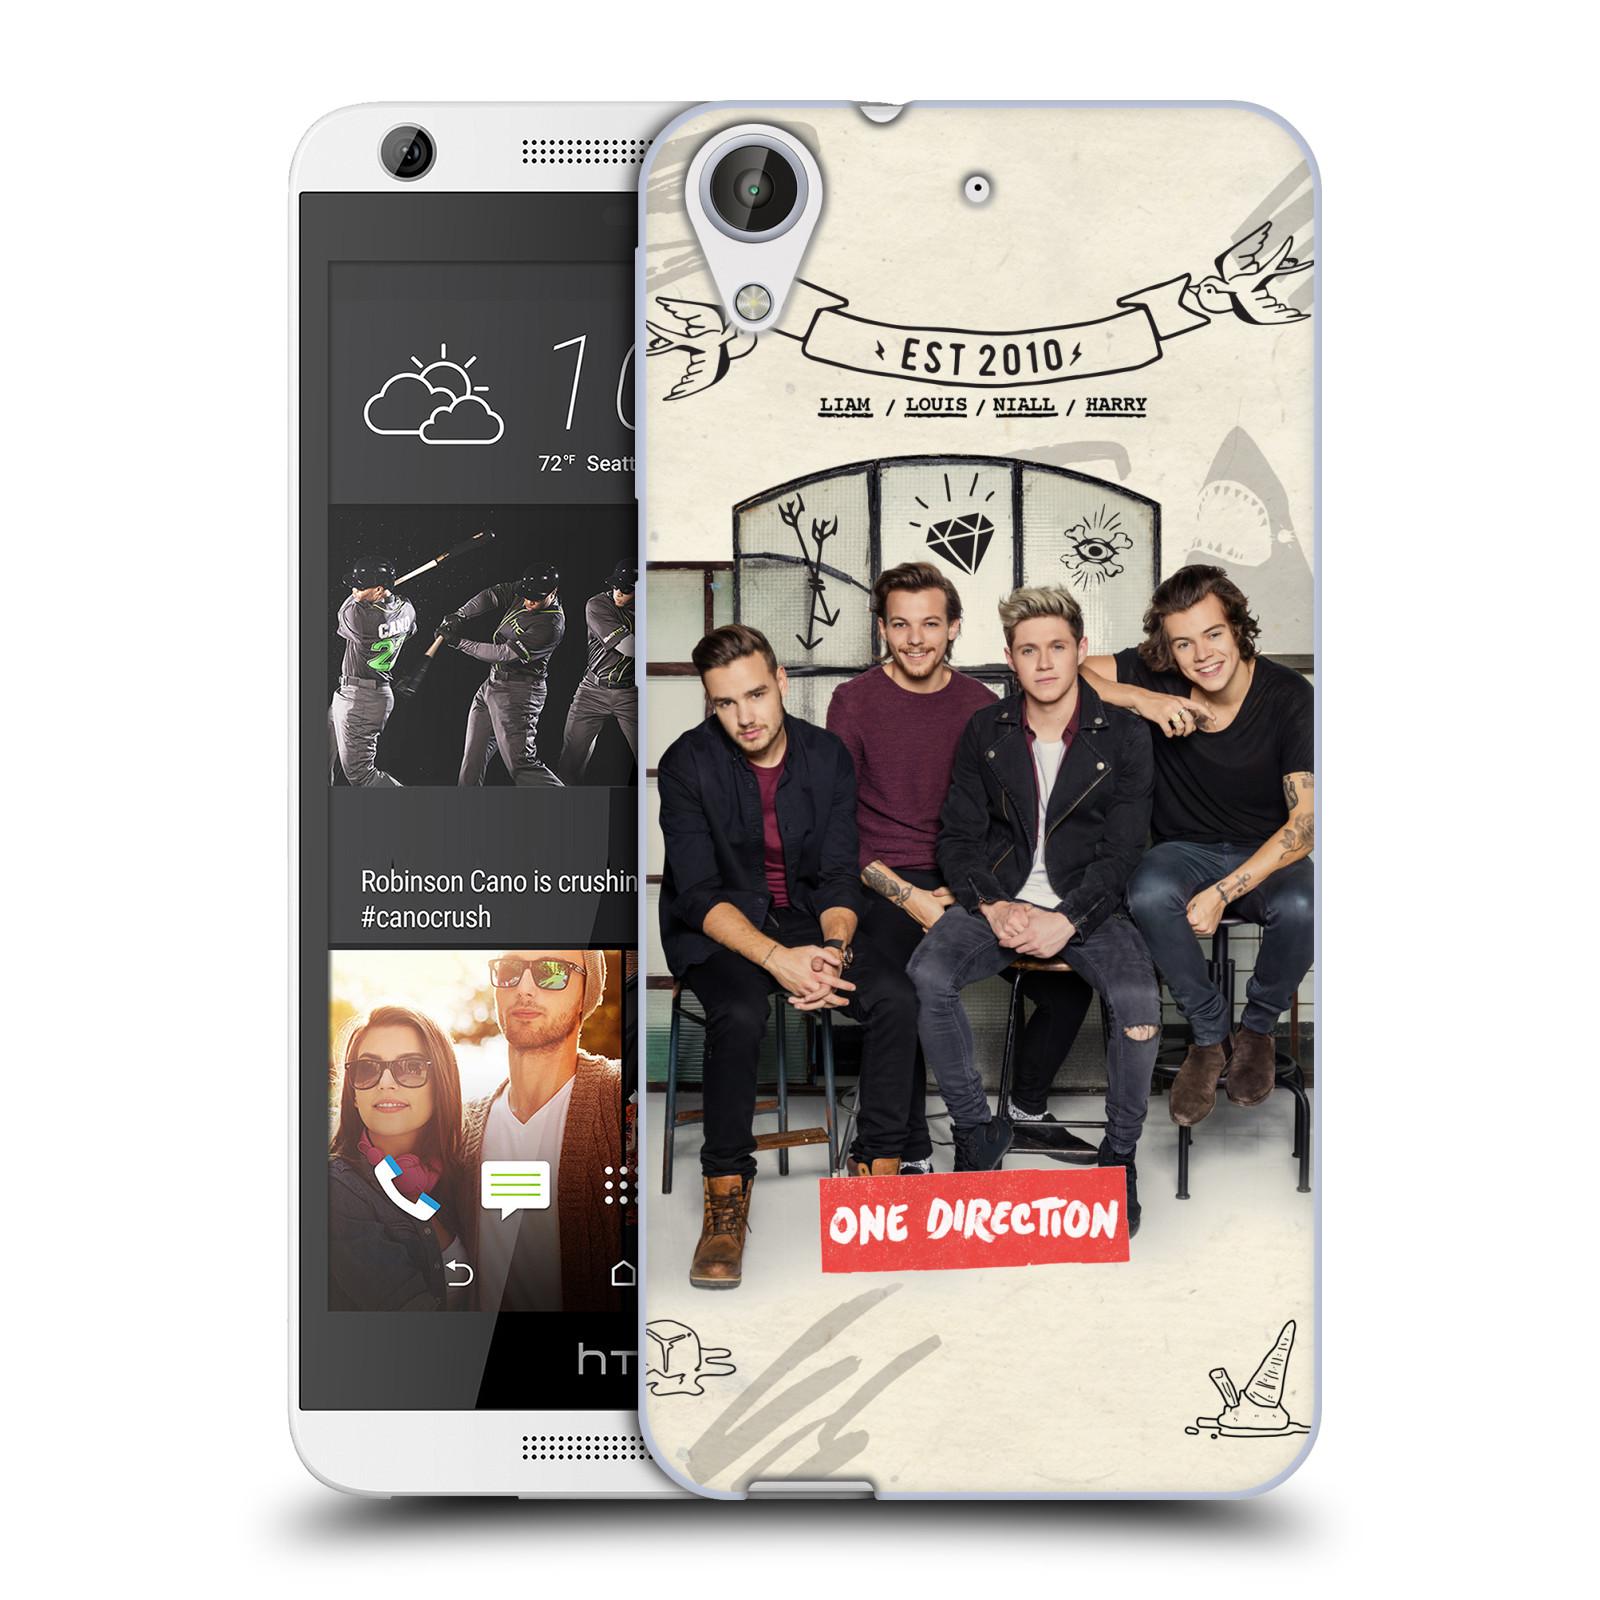 Silikonové pouzdro na mobil HTC Desire 626 / 626G HEAD CASE One Direction - EST 2010 (Silikonový kryt či obal One Direction Official na mobilní telefon HTC Desire 626 a 626G Dual SIM)